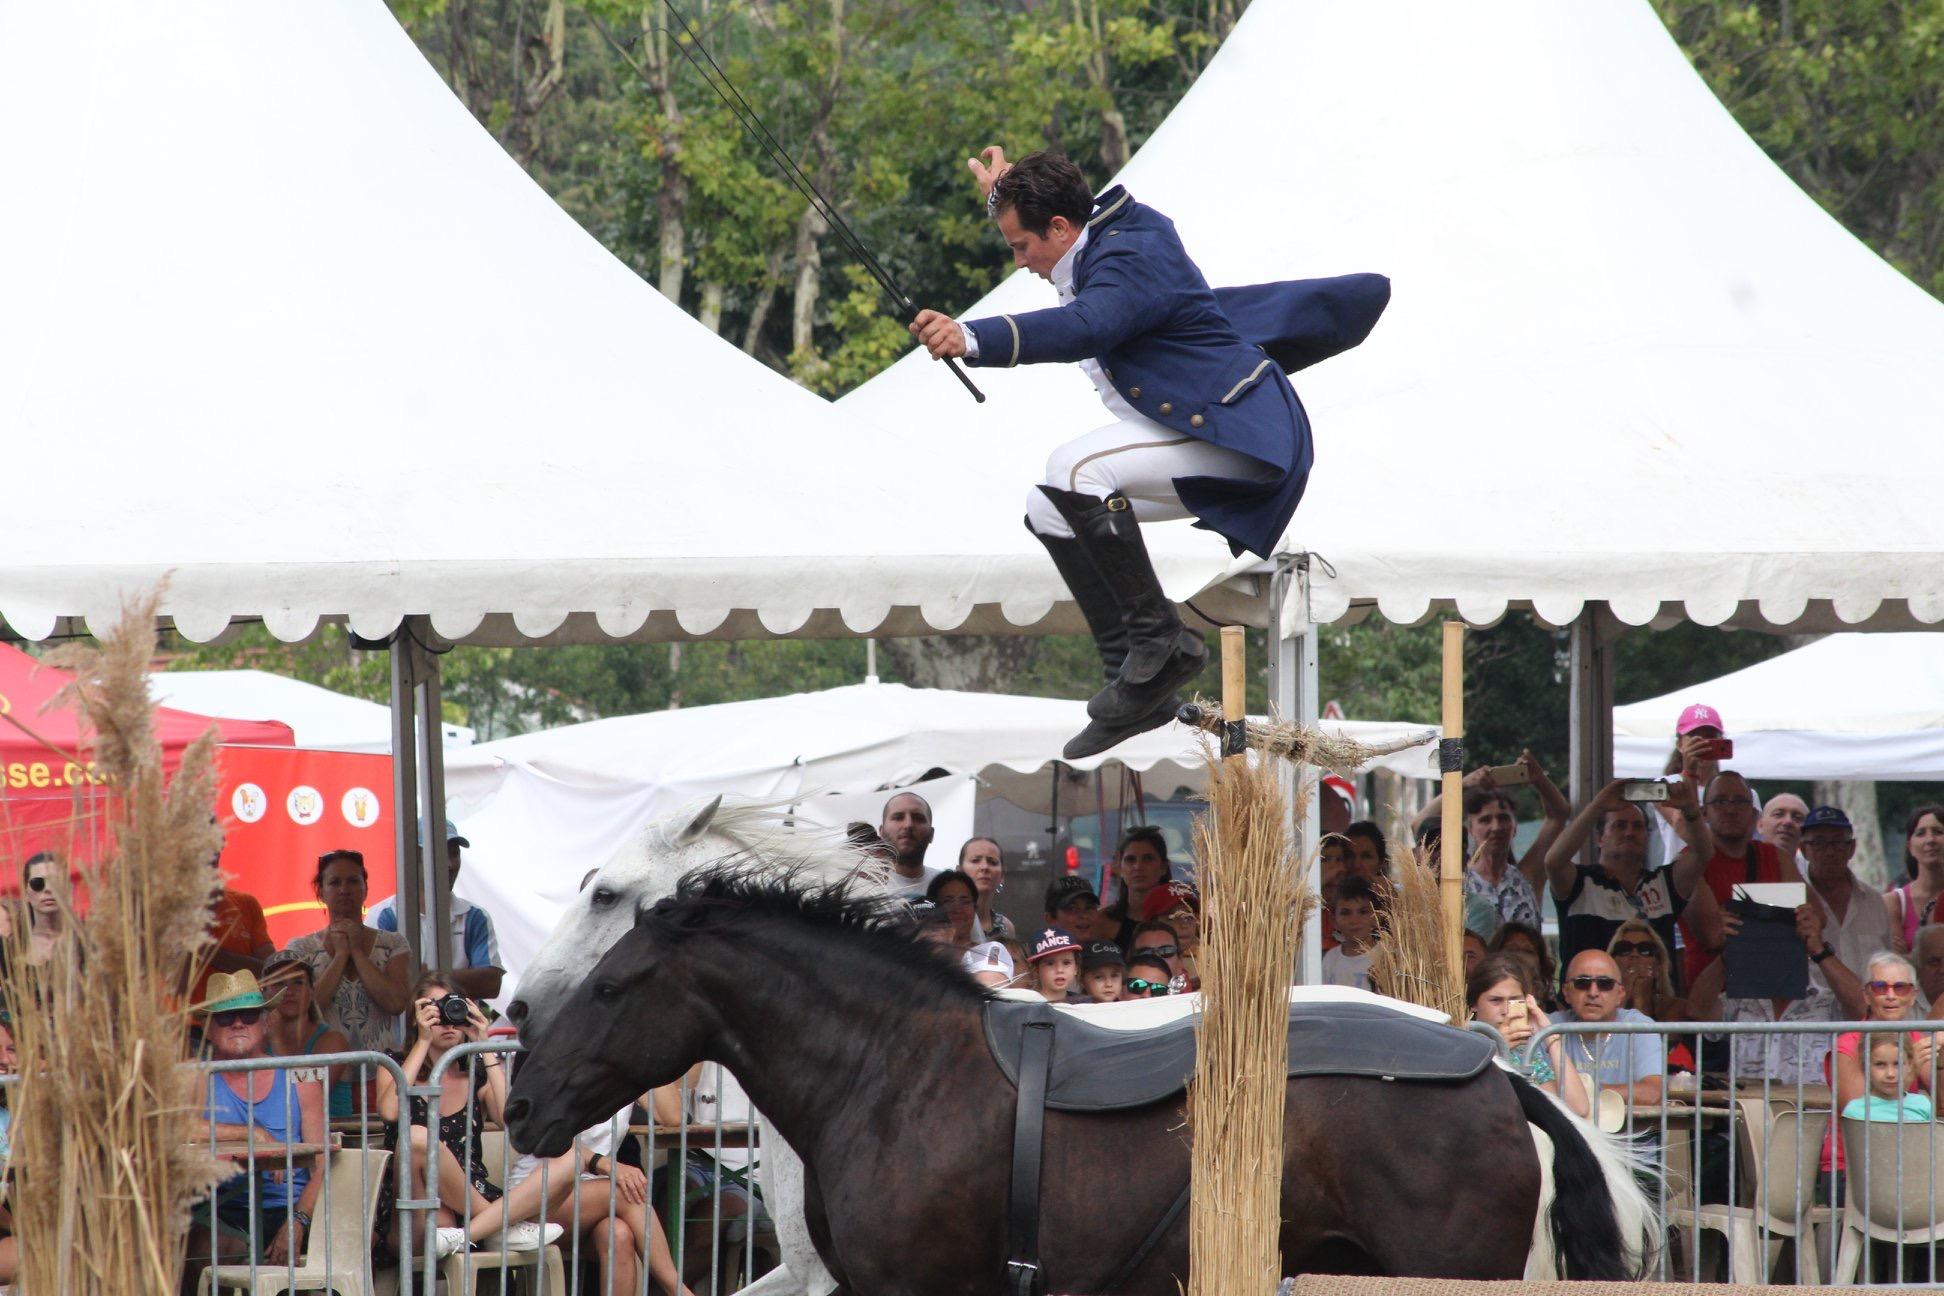 aucop-evenement-fete du cheval-levens-sonorisation-eclairage-location-materiel-audiovisuel-amsl equitation-nice-marseille-paris